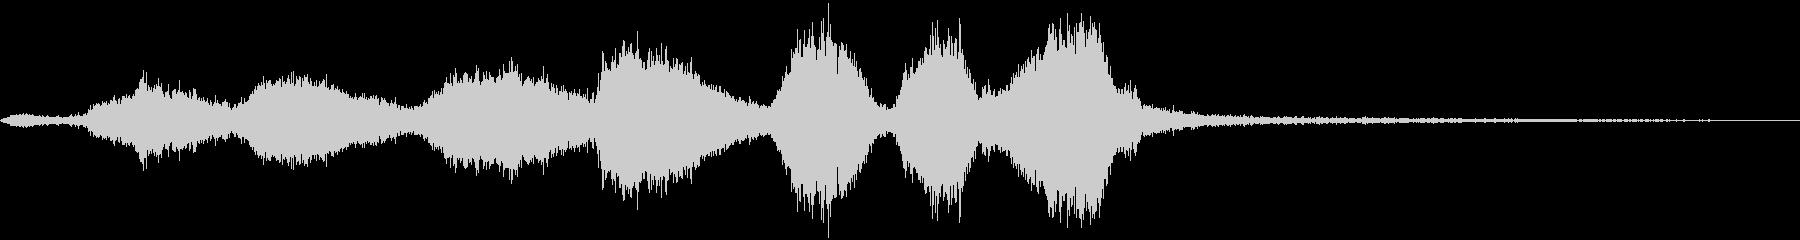 高音のスラッシュ音が印象的の未再生の波形